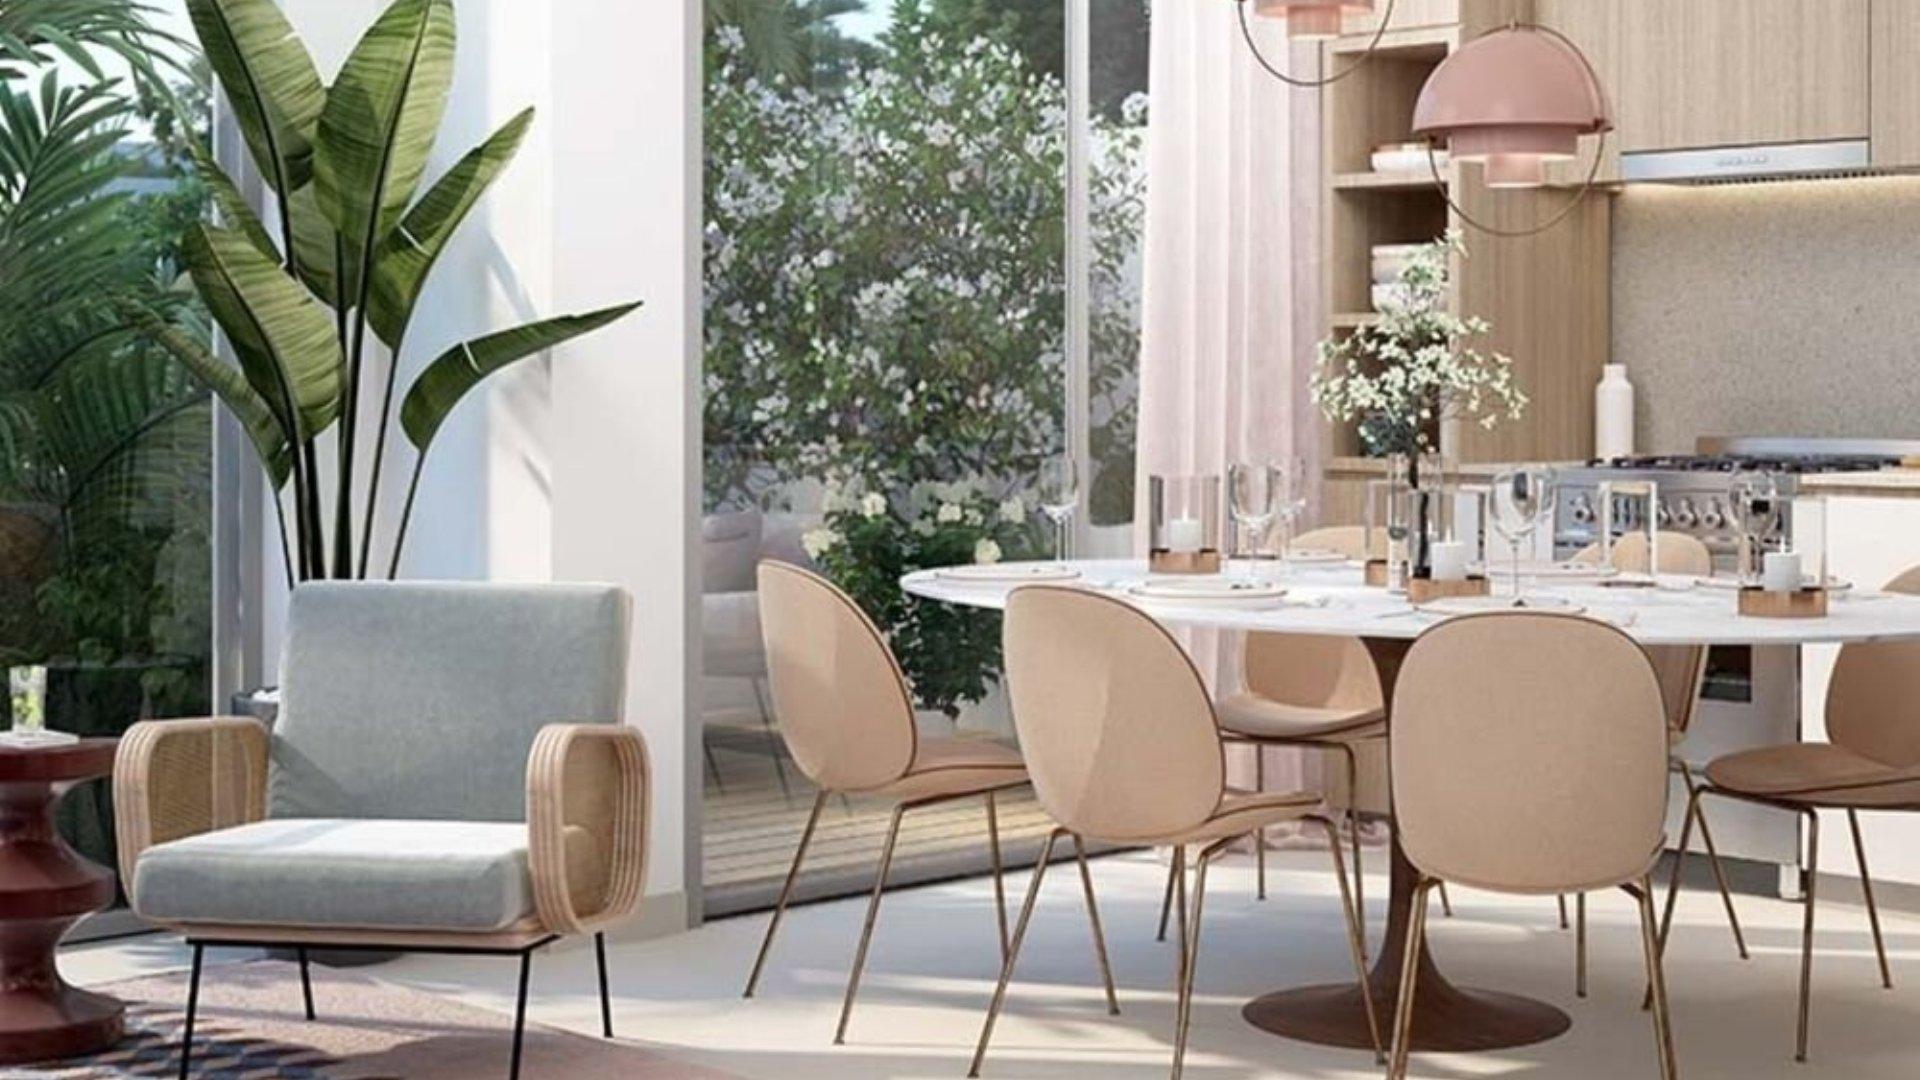 Villa en venta en Dubai, EAU, 4 dormitorios, 231 m2, № 24353 – foto 4